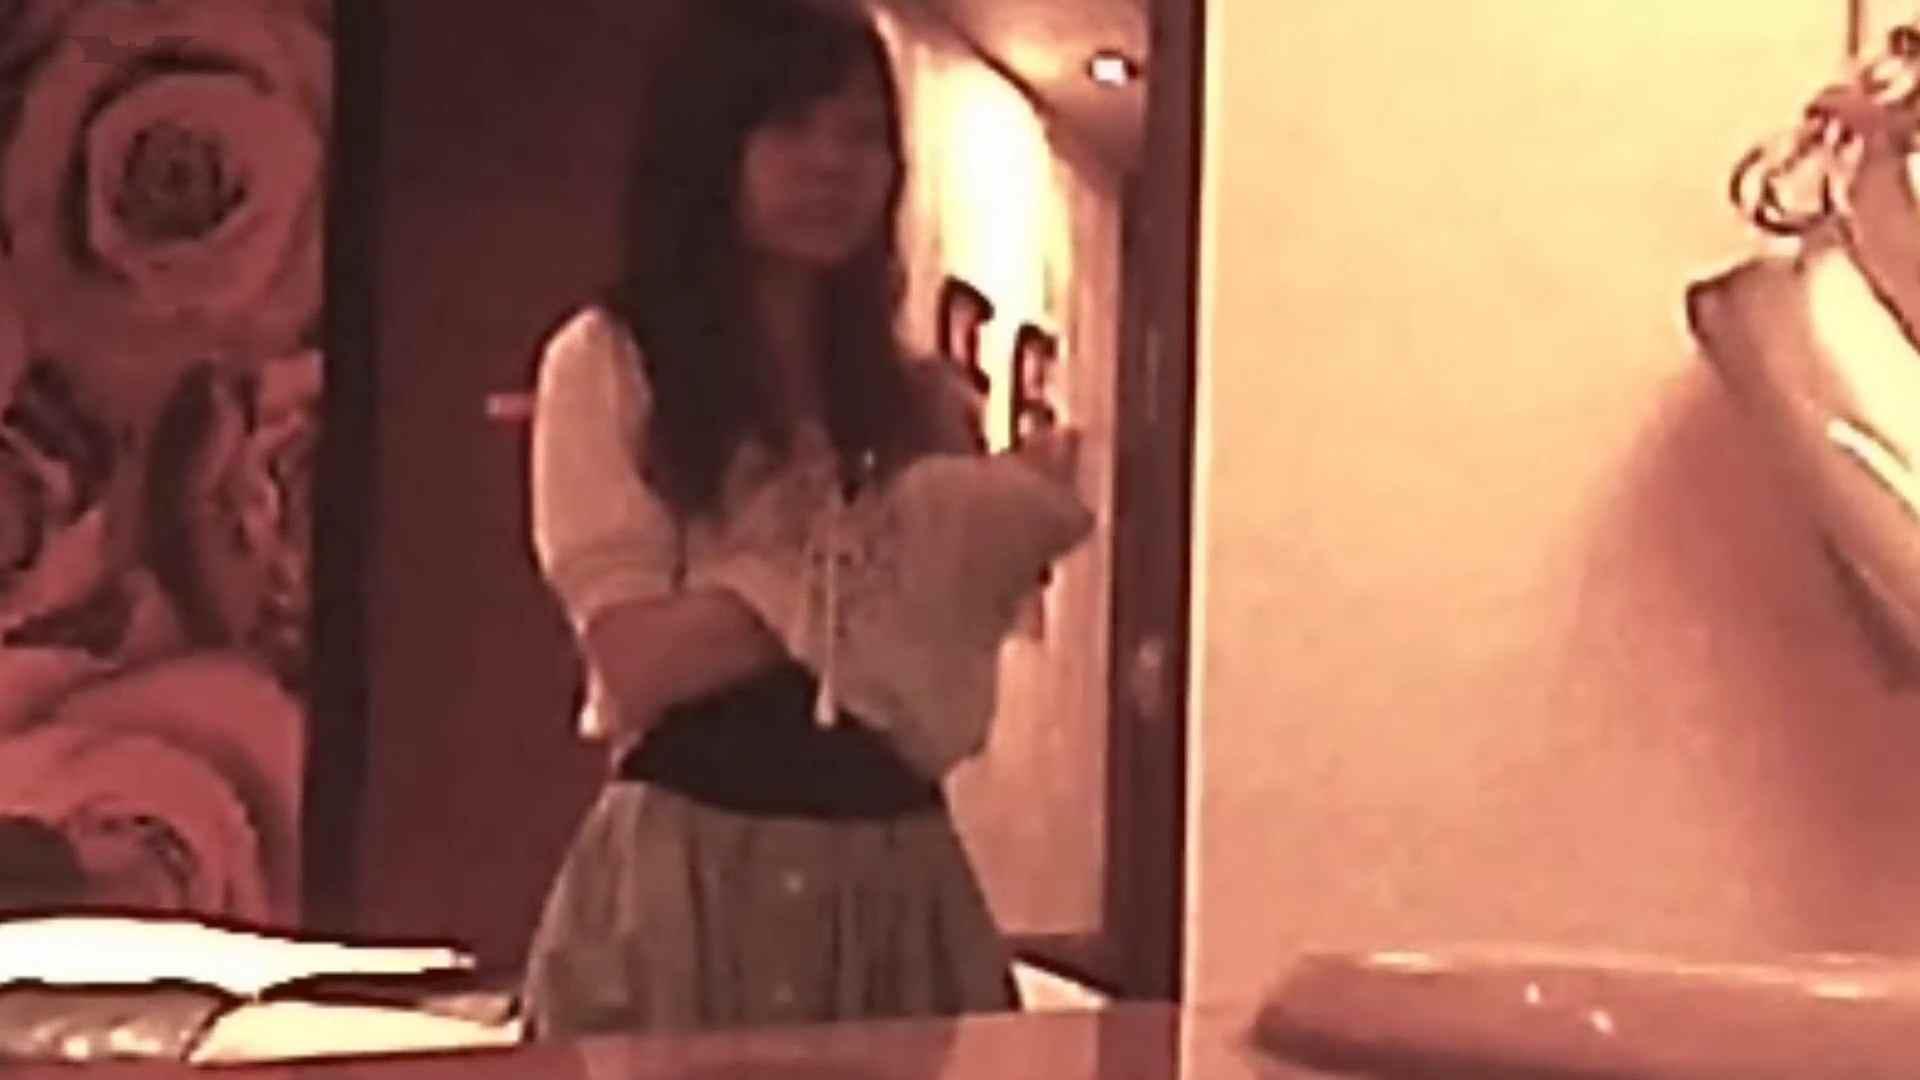 禁断、家庭教のおしえ子 (シリーズⅥ) りりかちゃん Vol.30 脱衣編 ラブホテル  95枚 6